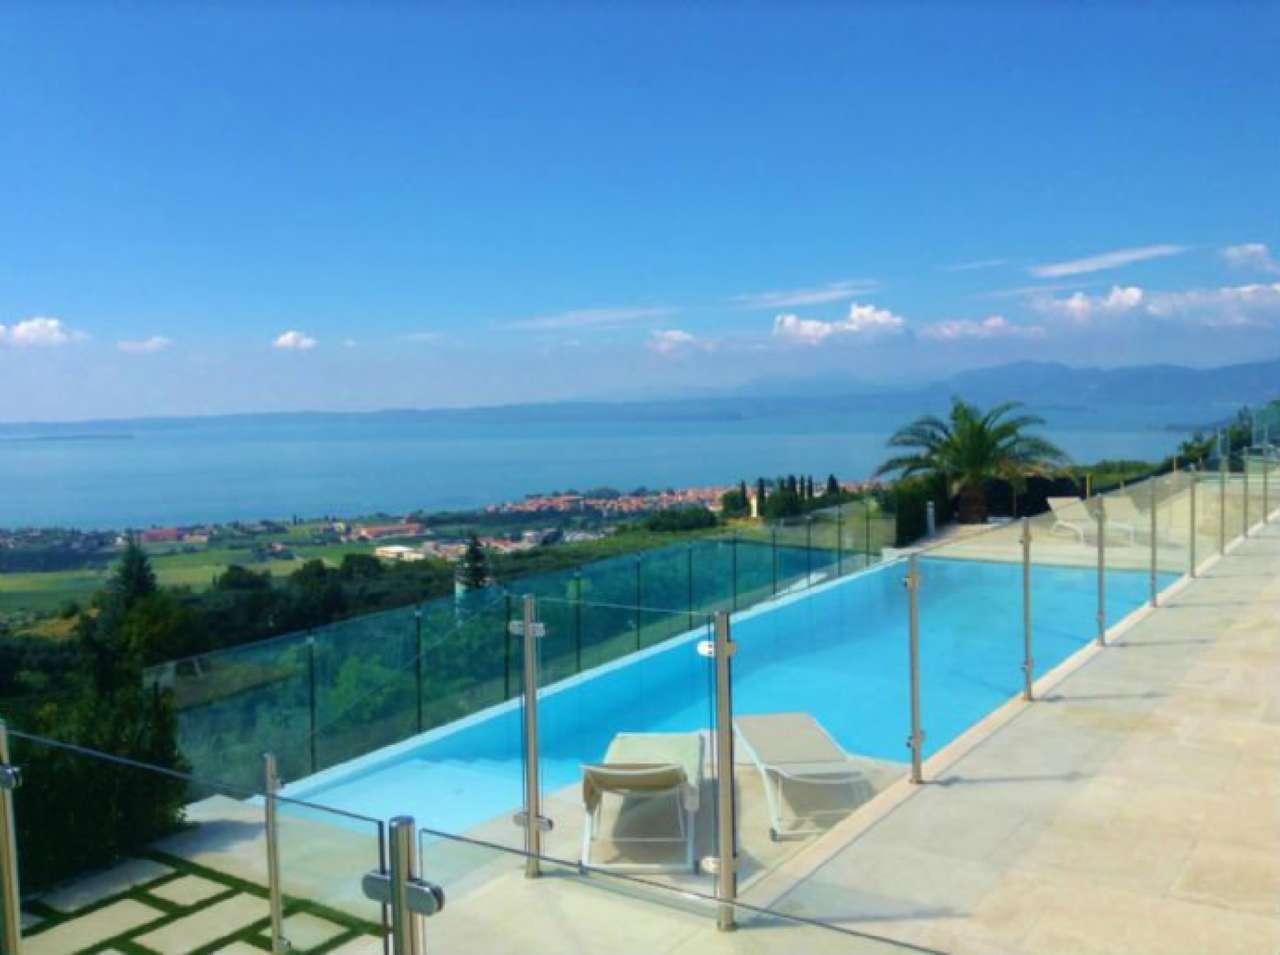 Villa in vendita a Cavaion Veronese, 6 locali, Trattative riservate | CambioCasa.it